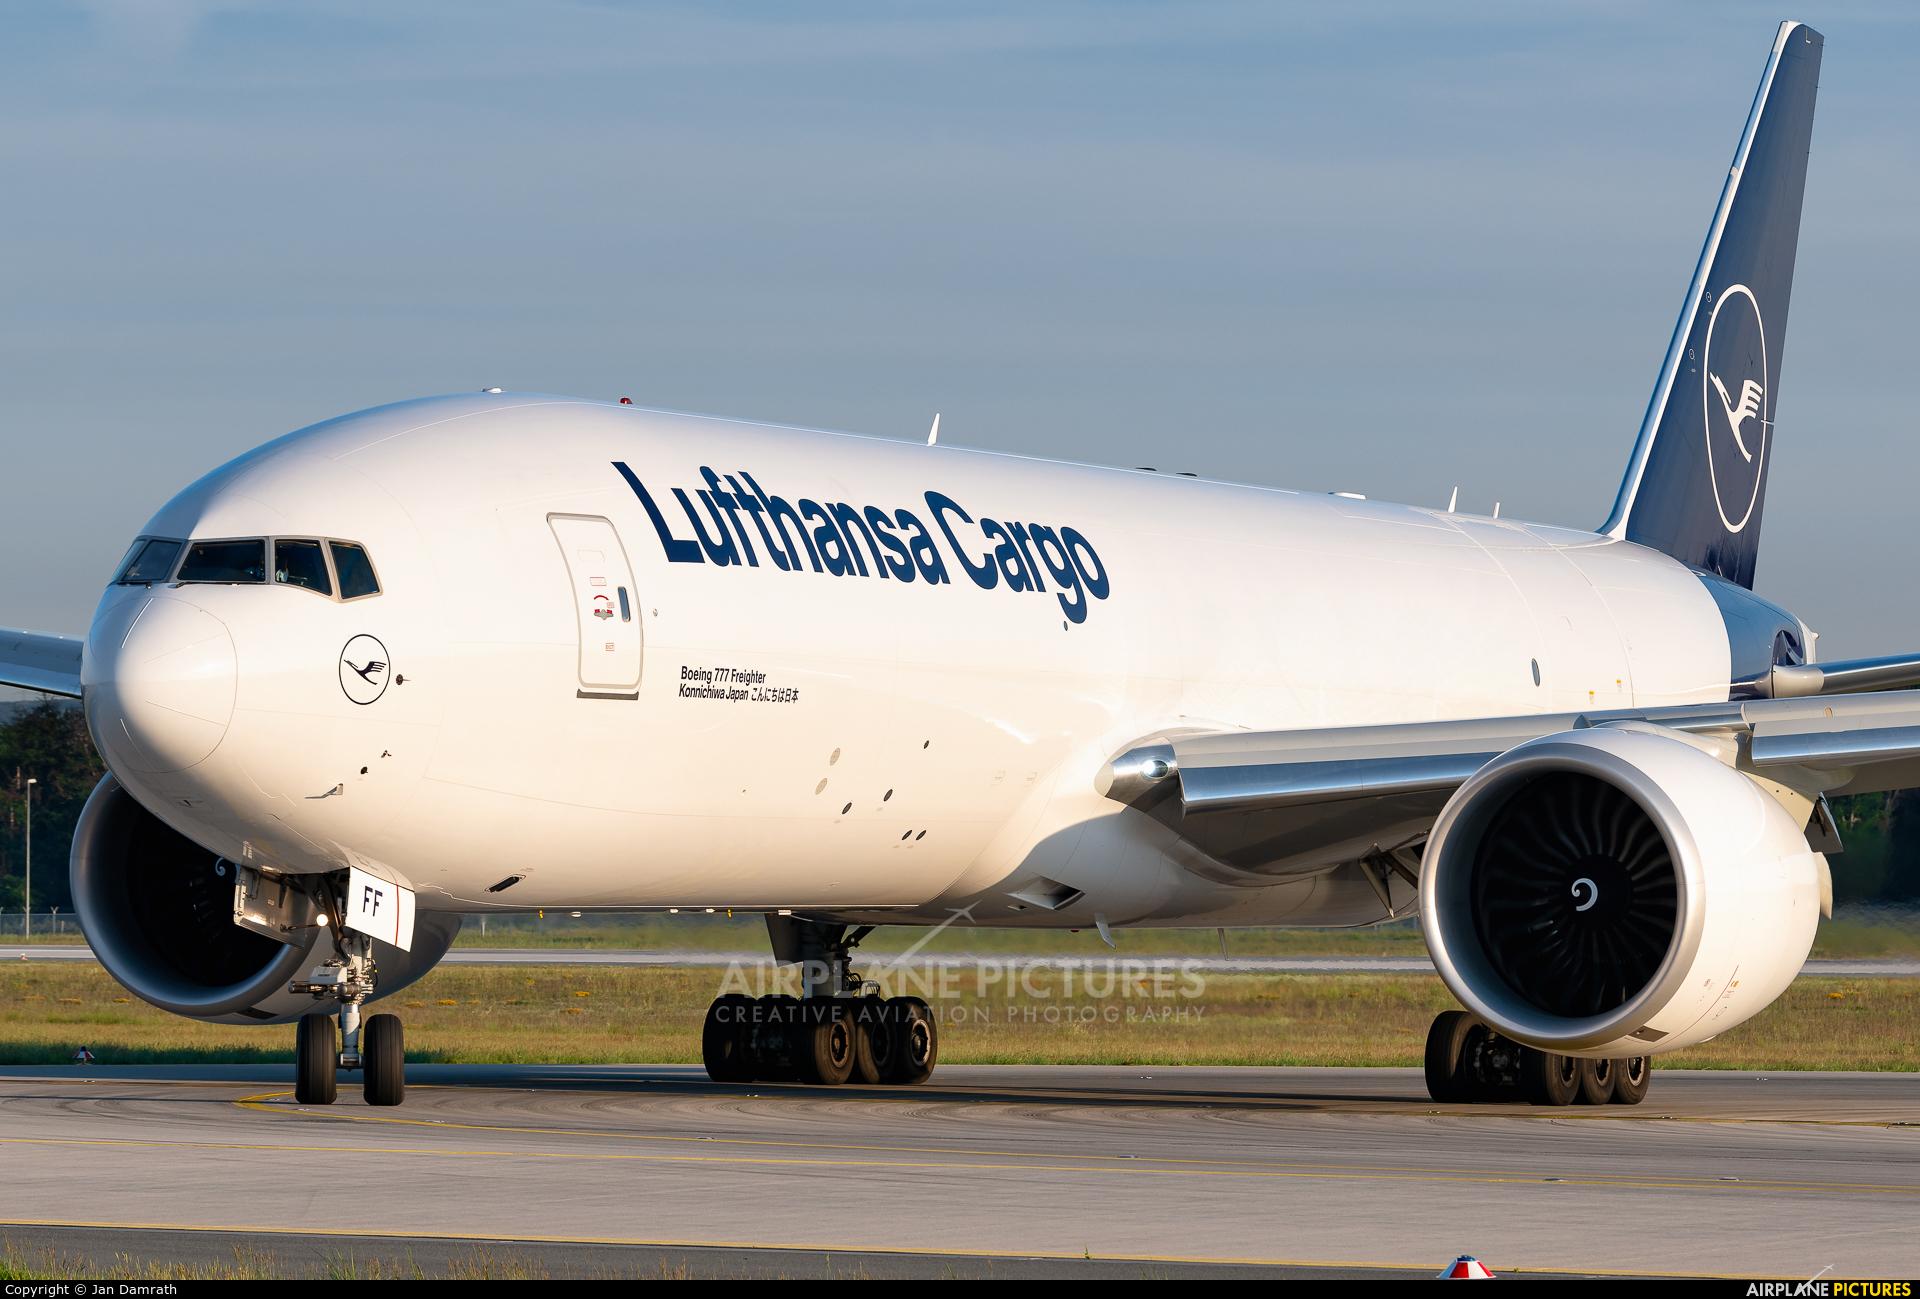 Lufthansa Cargo D-ALFF aircraft at Frankfurt